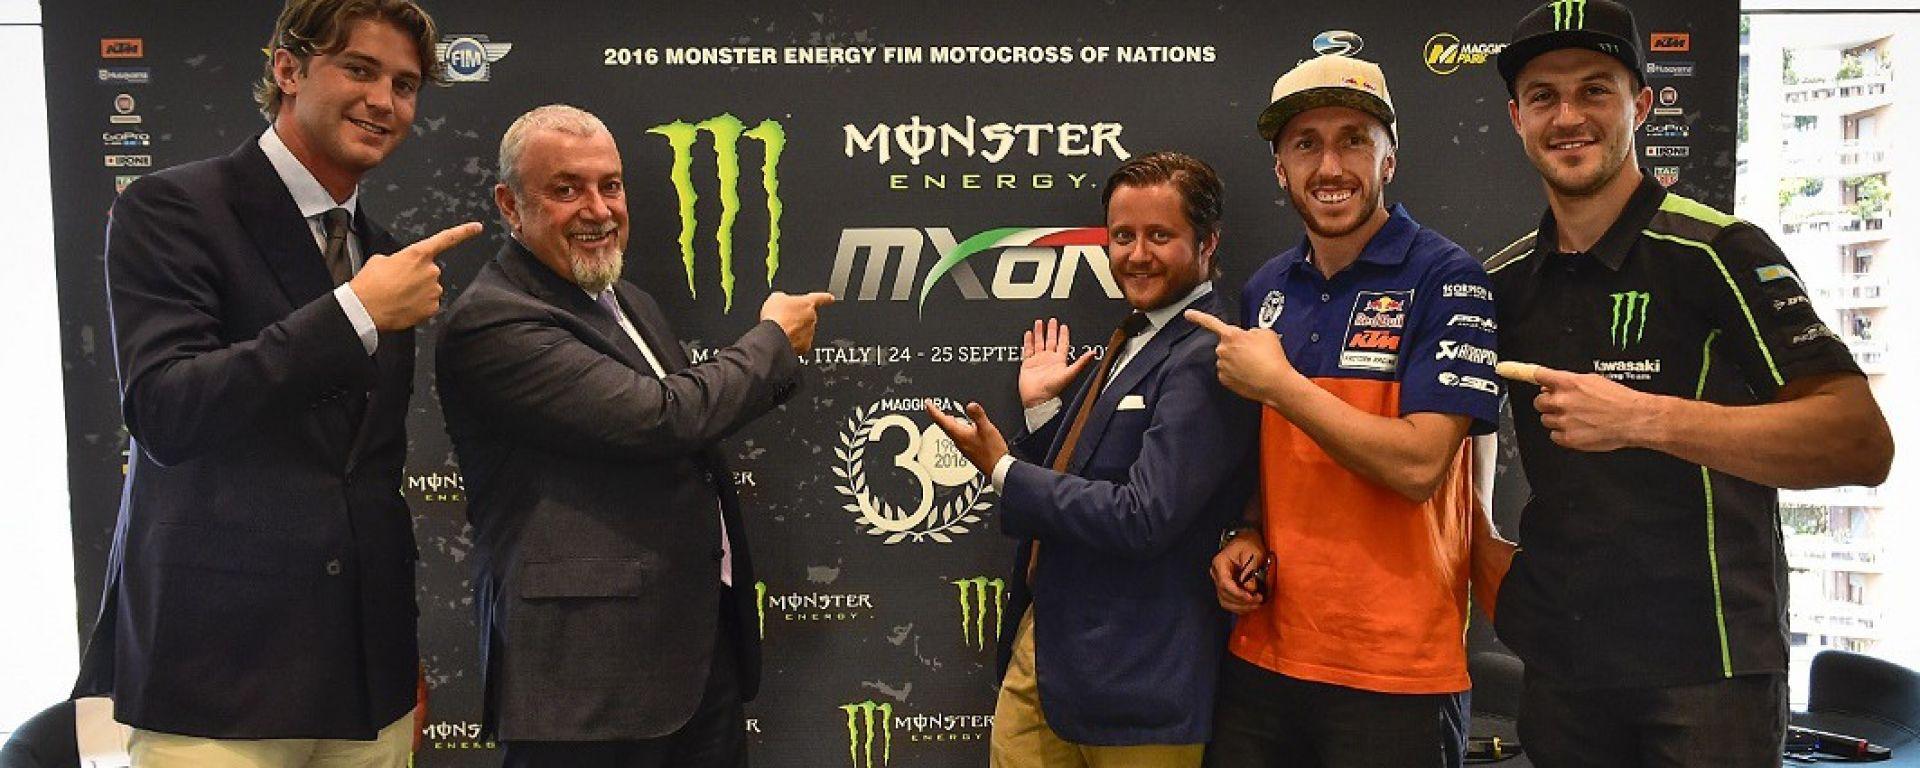 Motocross delle Nazioni 2016: dopo trent'anni torna a Maggiora!